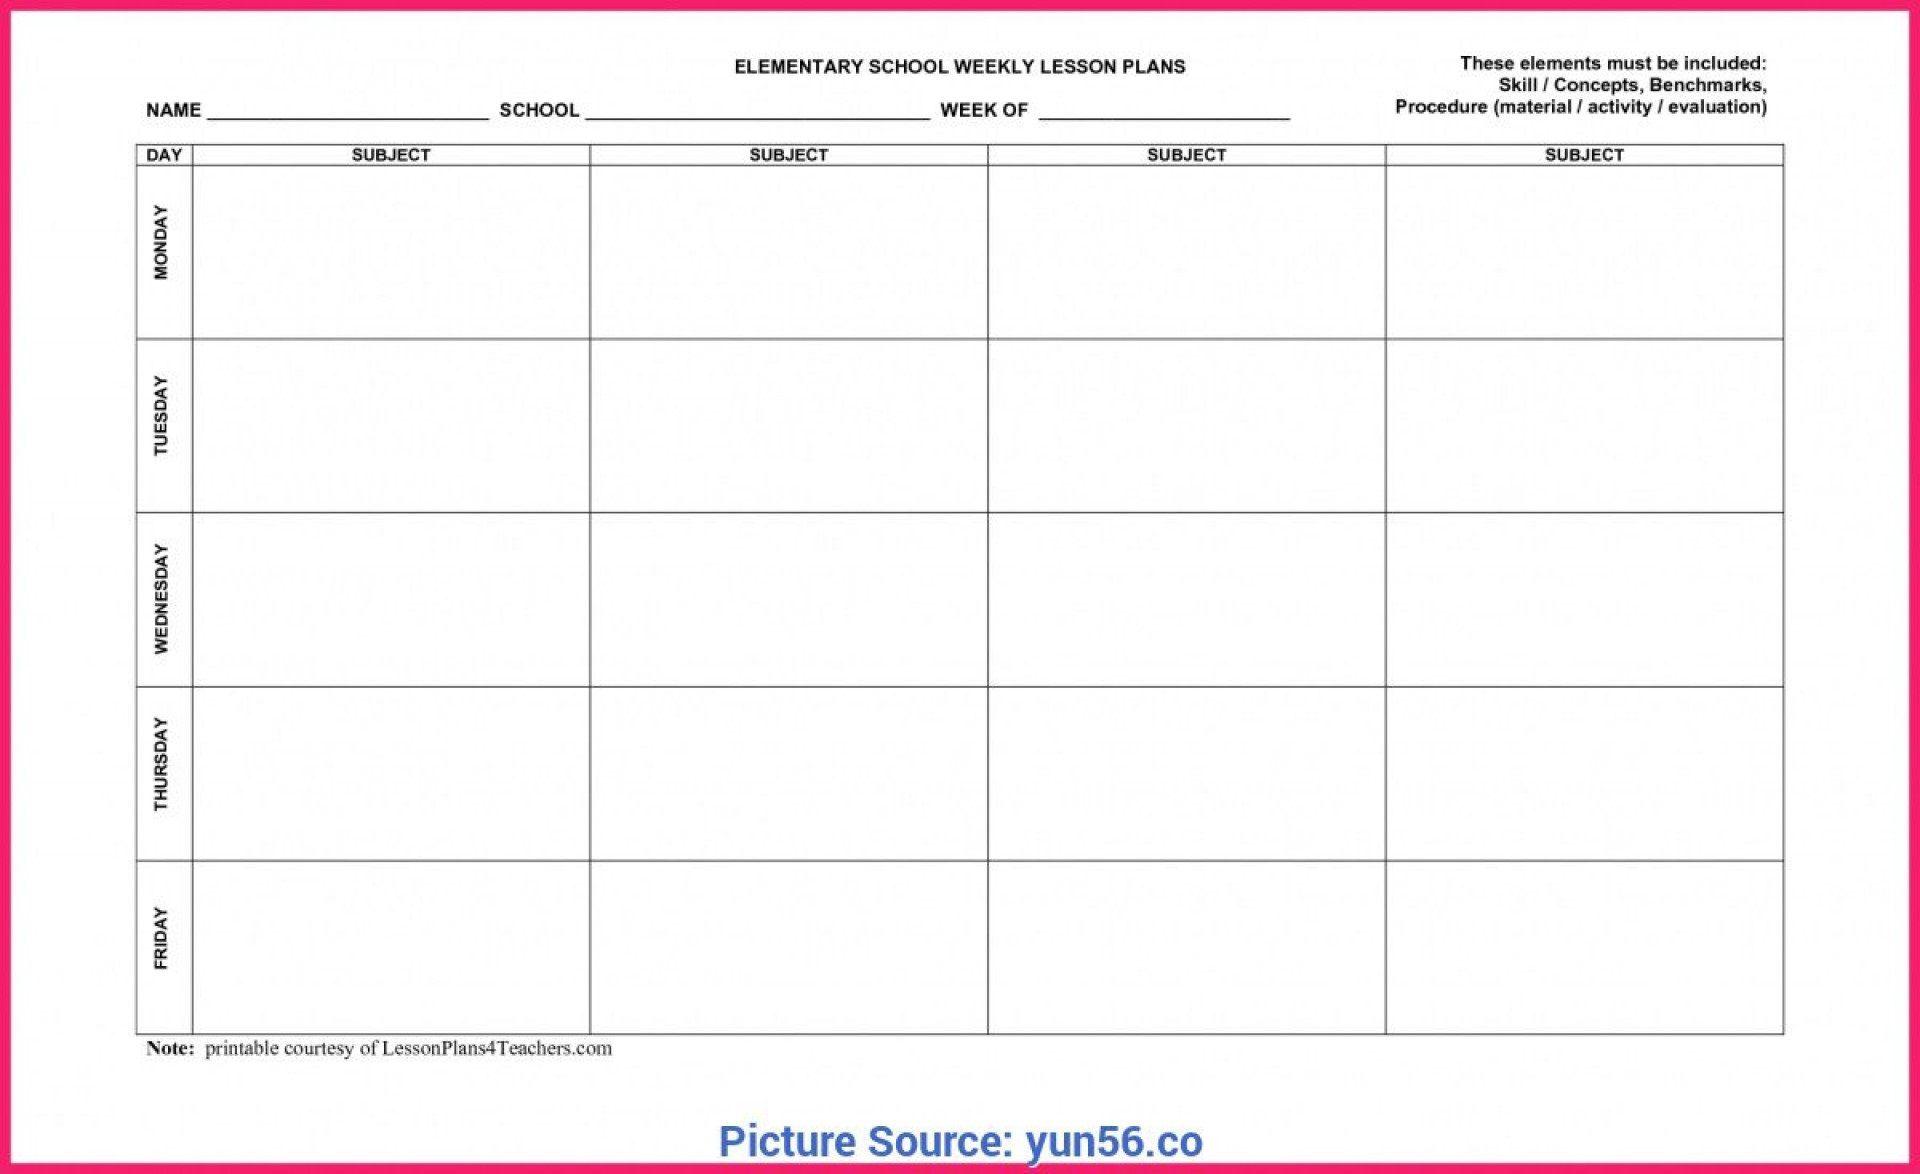 008 Beautiful Free Printable Lesson Plan Template Weekly Highest Clarity  Kindergarten PreschoolFull